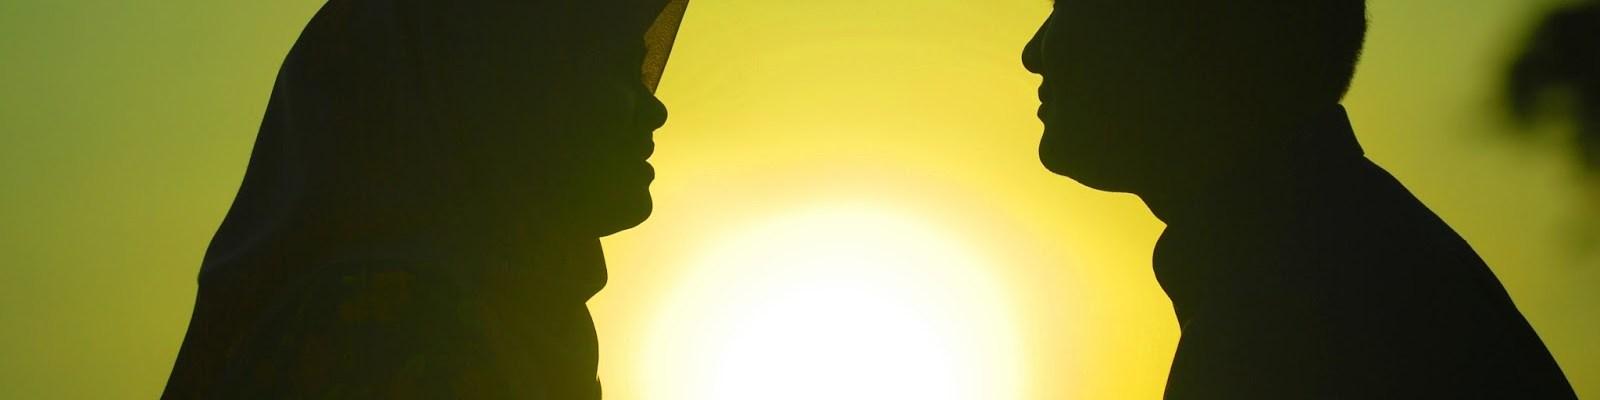 cara memuaskan suami ketika istri sedang haid, Info Umroh, Umroh Murah, Umroh Surabaya, Umroh 2018, Paket Umroh Murah, Travel Umroh Surabaya, Travel Umroh murah, Umroh Murah Surabaya artikel umroh, info umroh murah, info umroh murah terbaru, info umroh murah 2018, info umroh 2018, info umroh surabaya